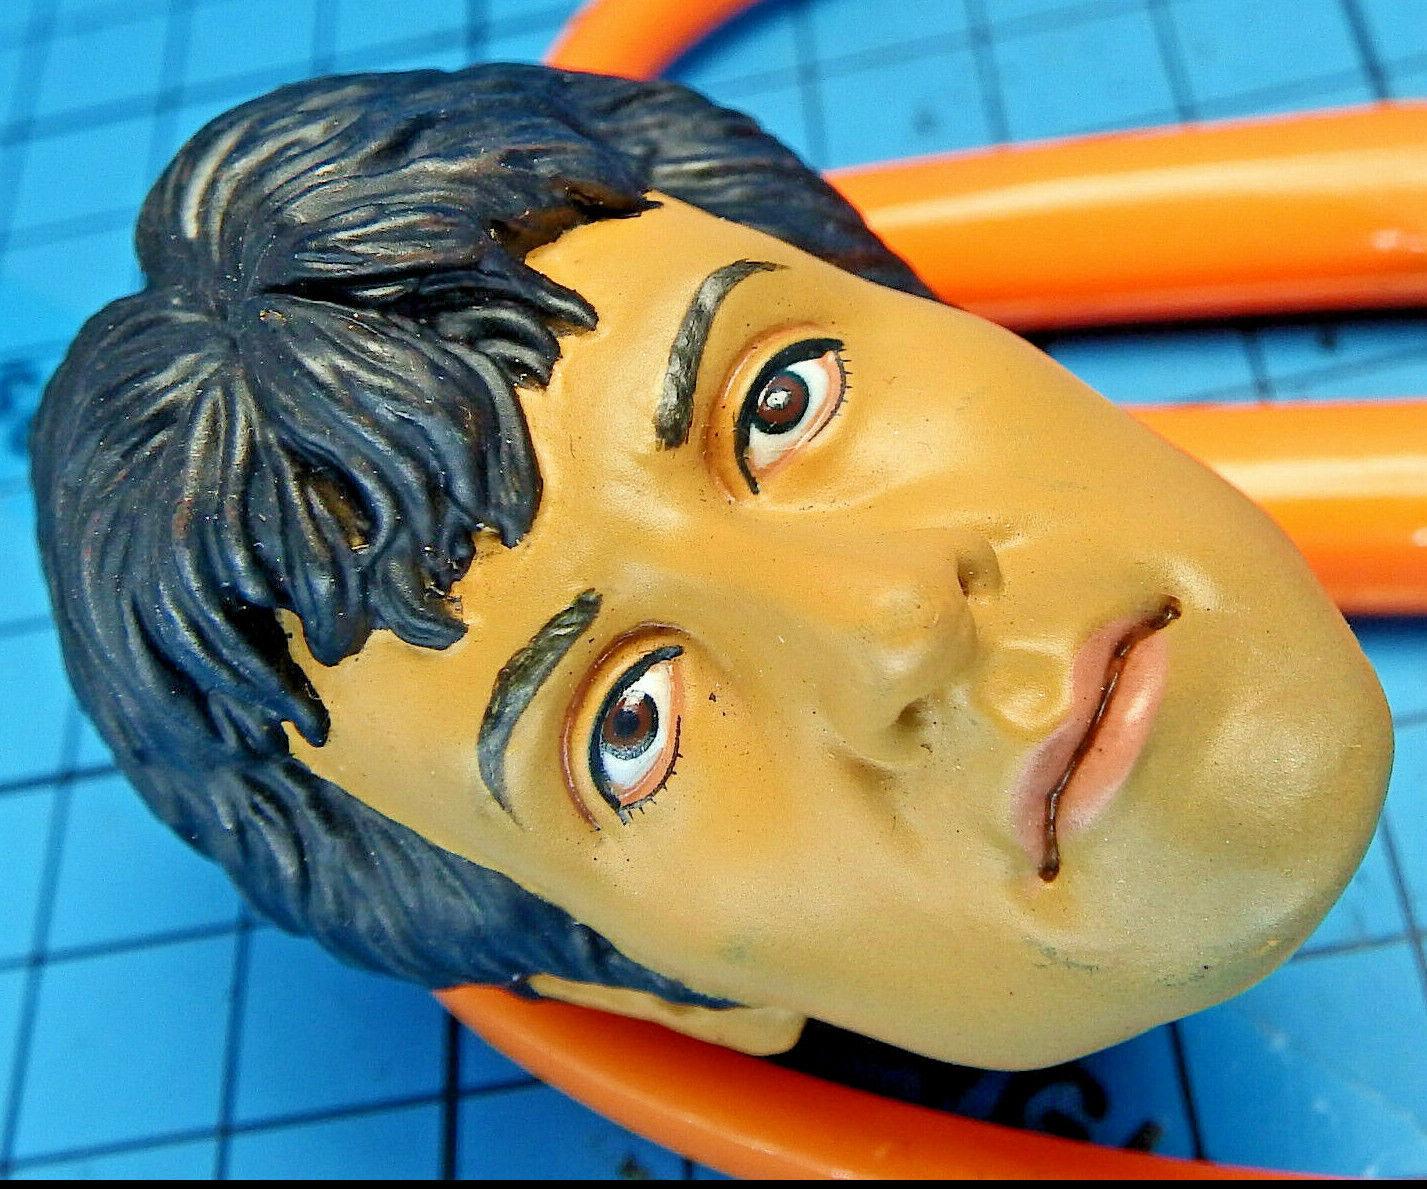 caliente giocattoli 1 6 MMS19 Rocky Balboa cifra  Sttuttione Head Sculpt